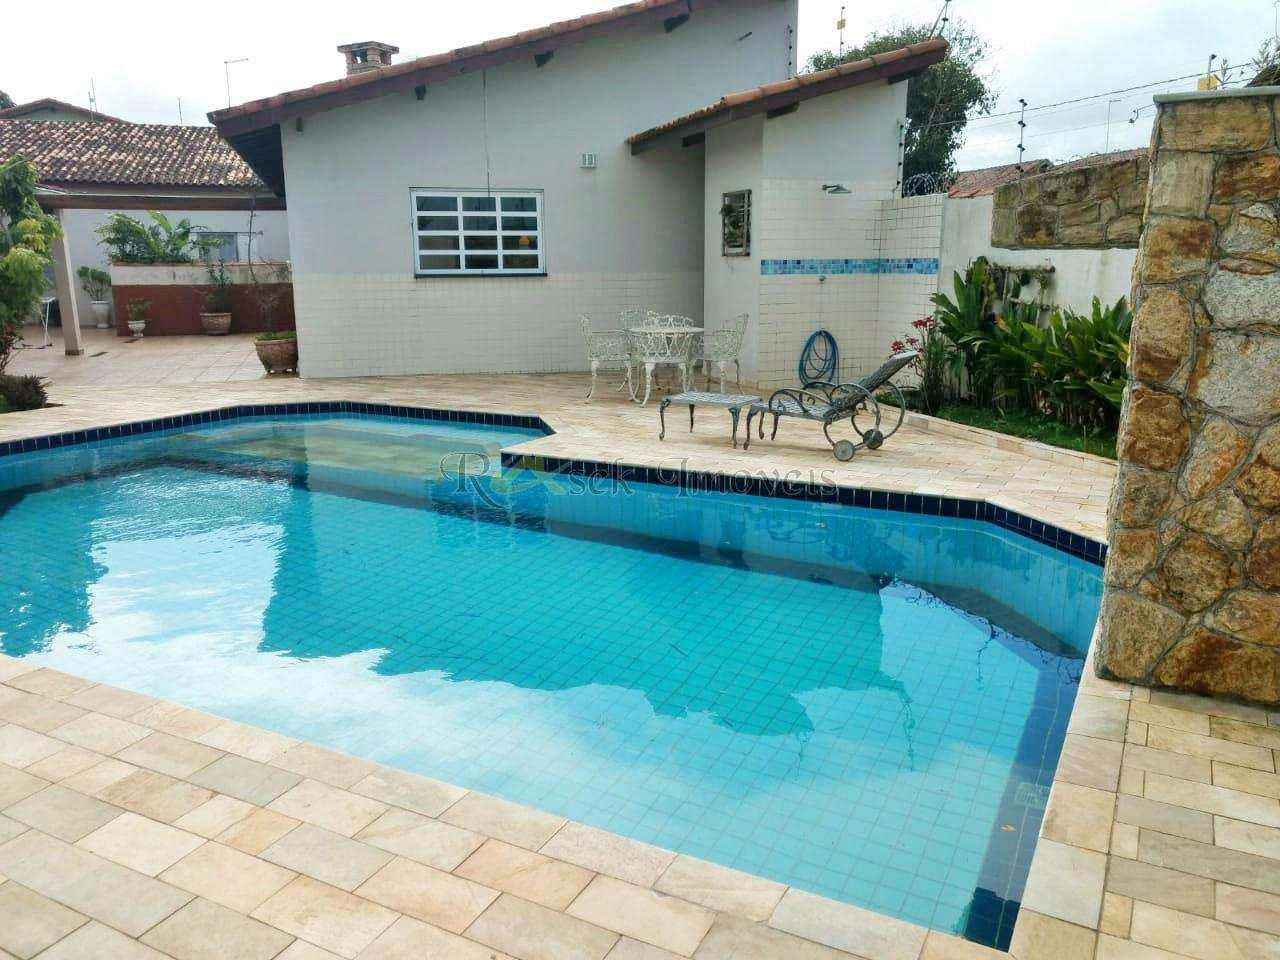 Casa muito ampla com piscina e a 100m da praia - Cod: 154